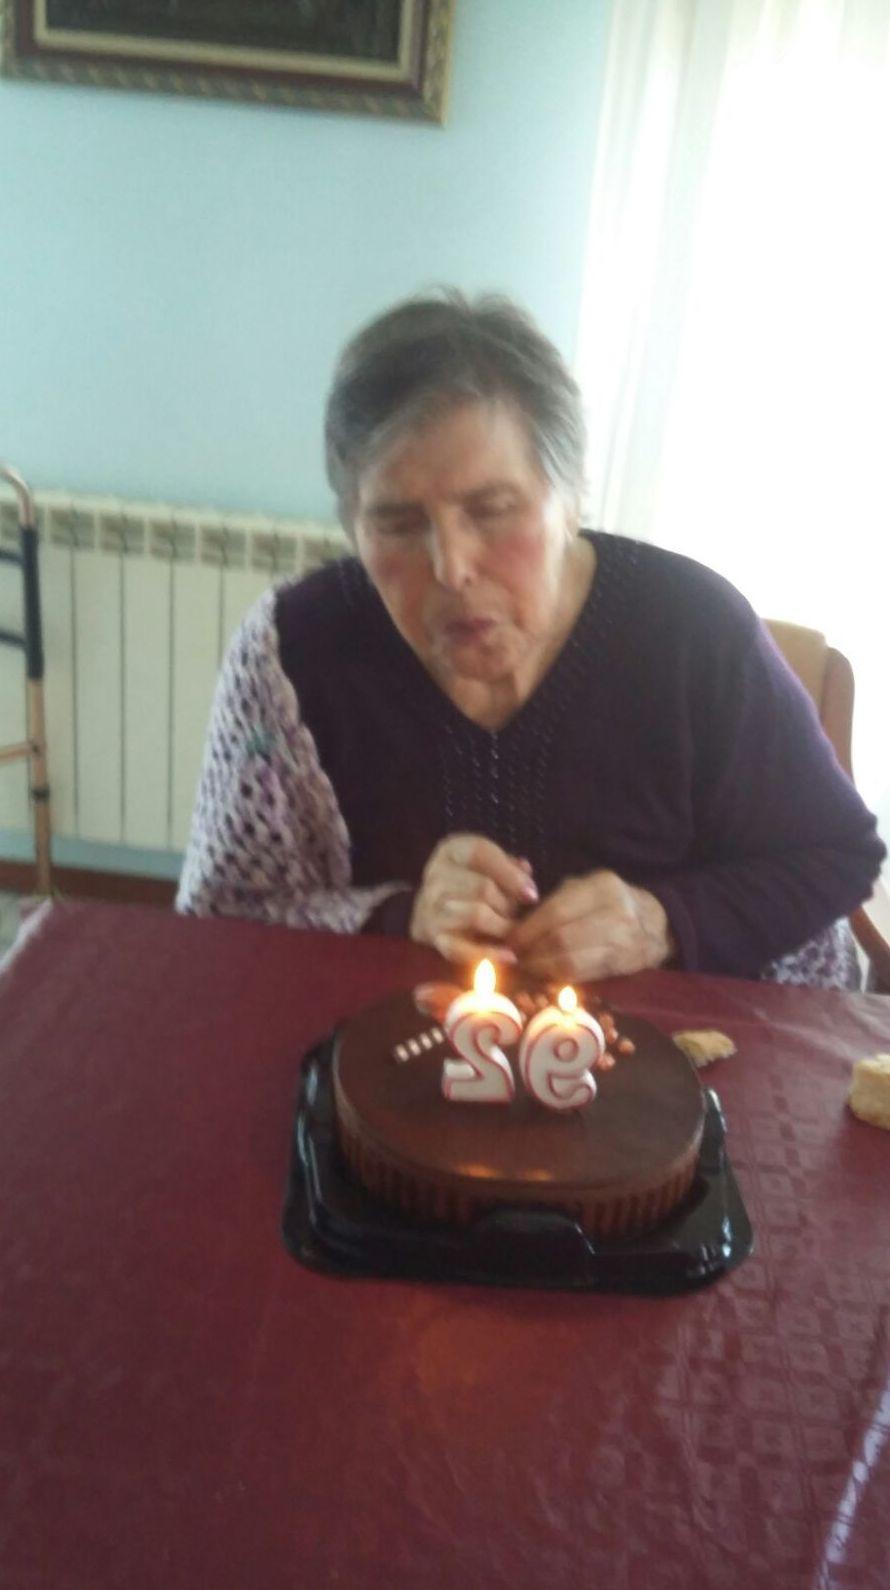 Lidia cumple 92 años!! Felicidades. Qué buen rato pasamos